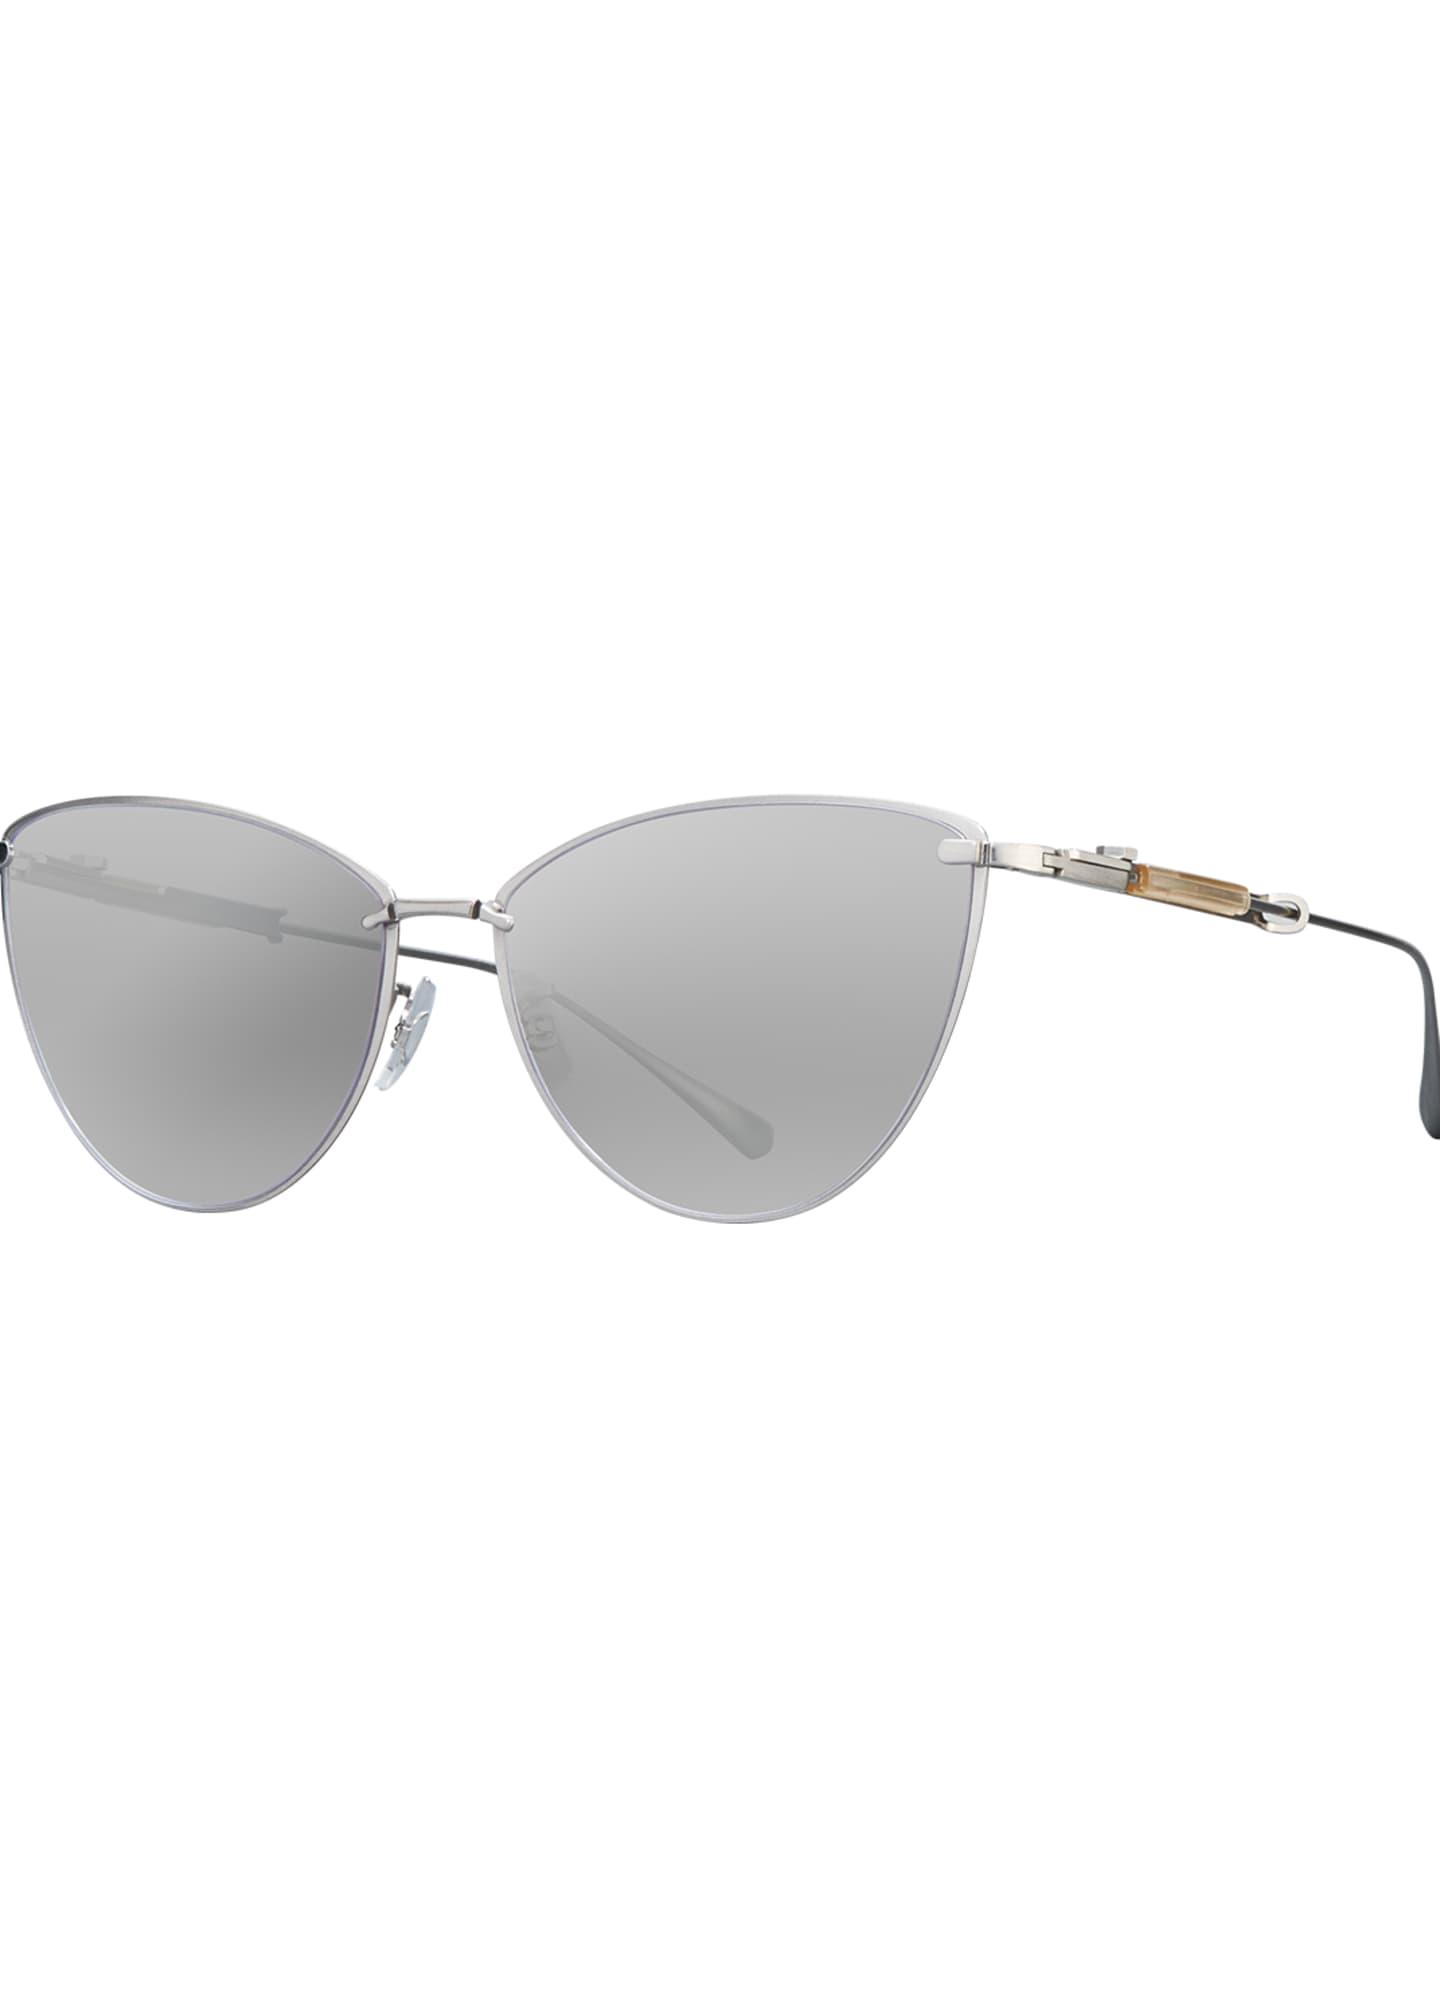 Mr. Leight Platinum Plated Titanium Cat-Eye Sunglasses,